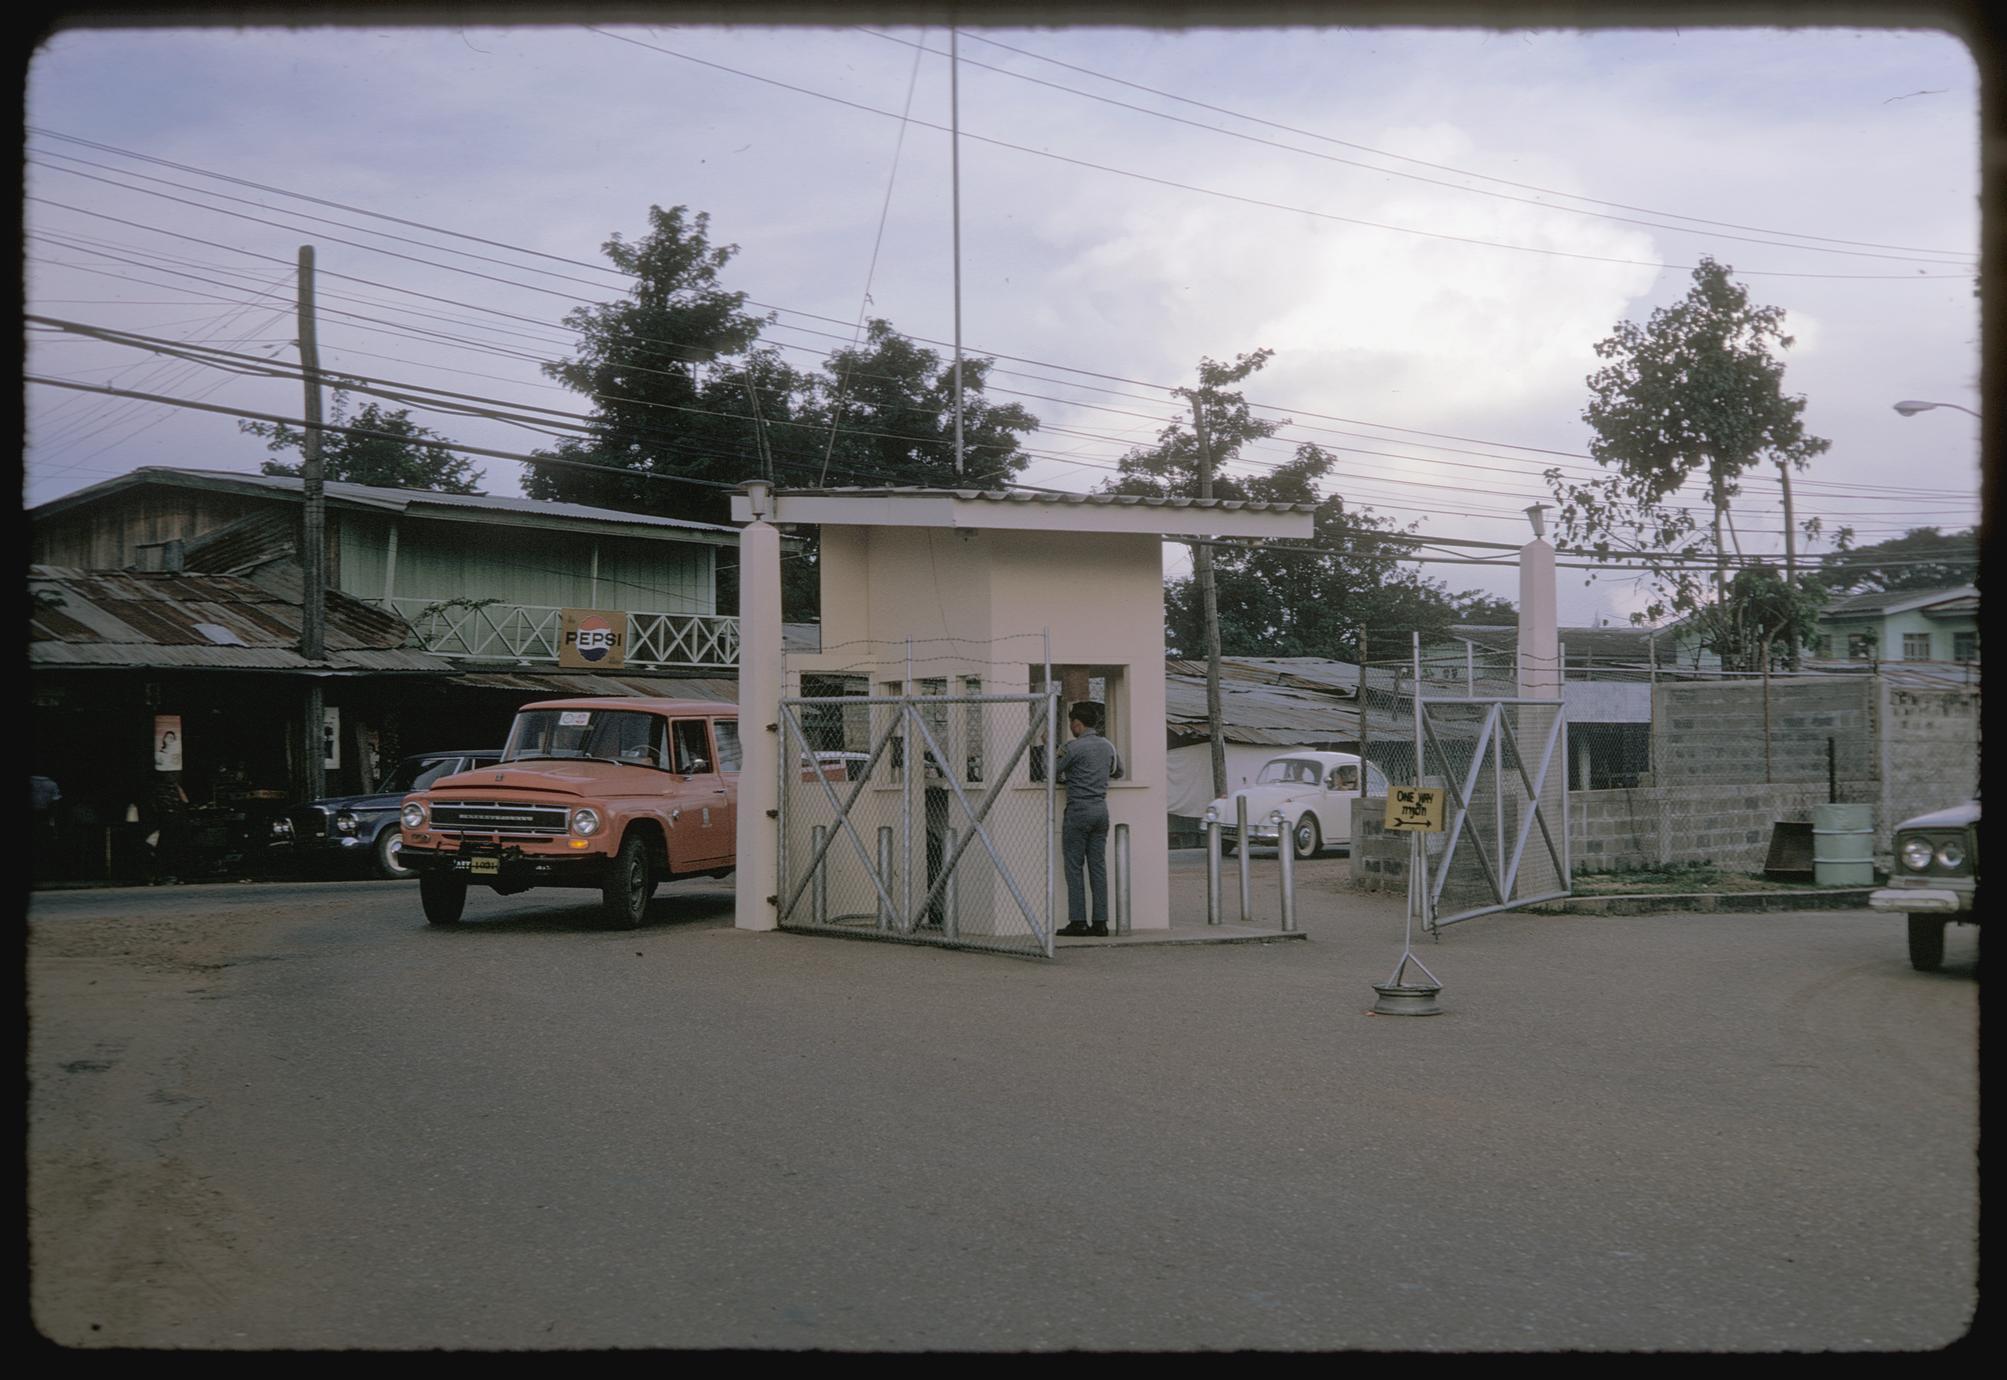 USAID gates